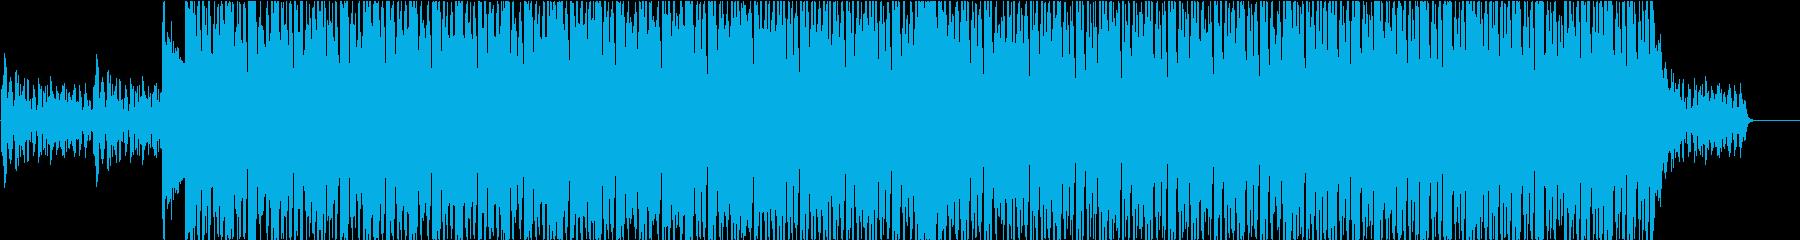 EDM系BGM(ブレイクなし)の再生済みの波形